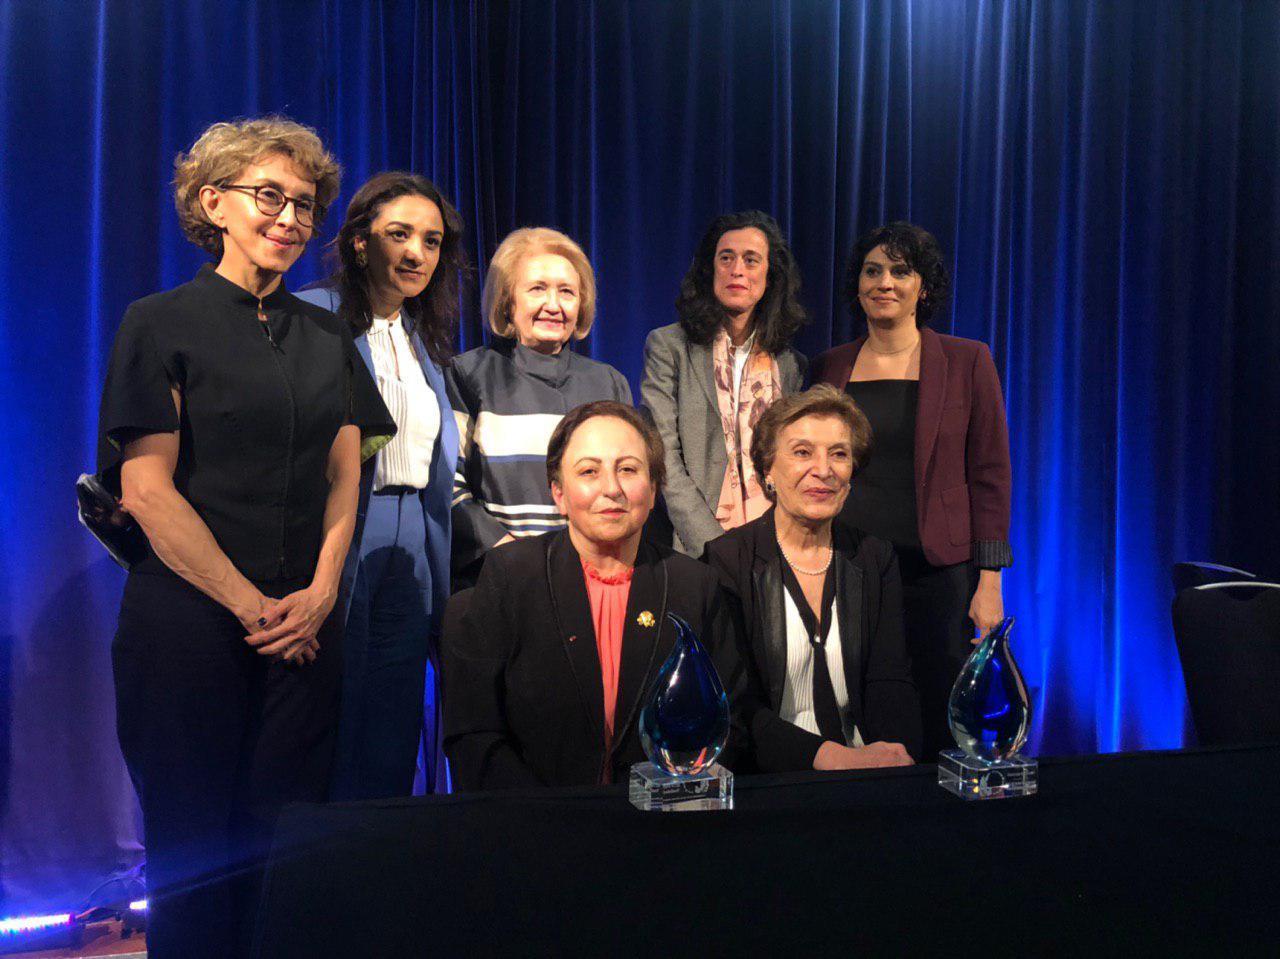 تقدیر موسسه زنان، صلح و امنیت دانشگاه جورج تاون ازشیرین عبادی